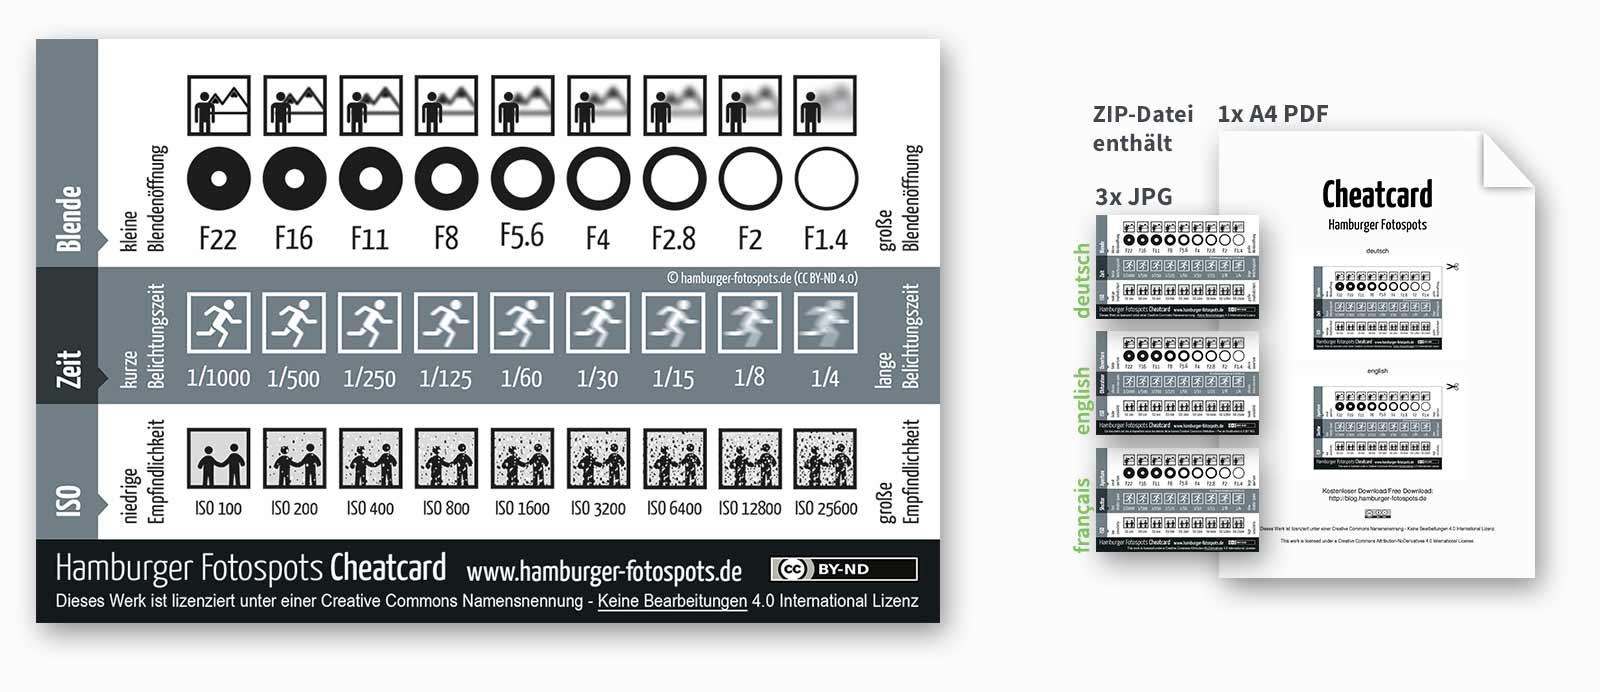 Die Cheatcard von hamburger-fotospots.de